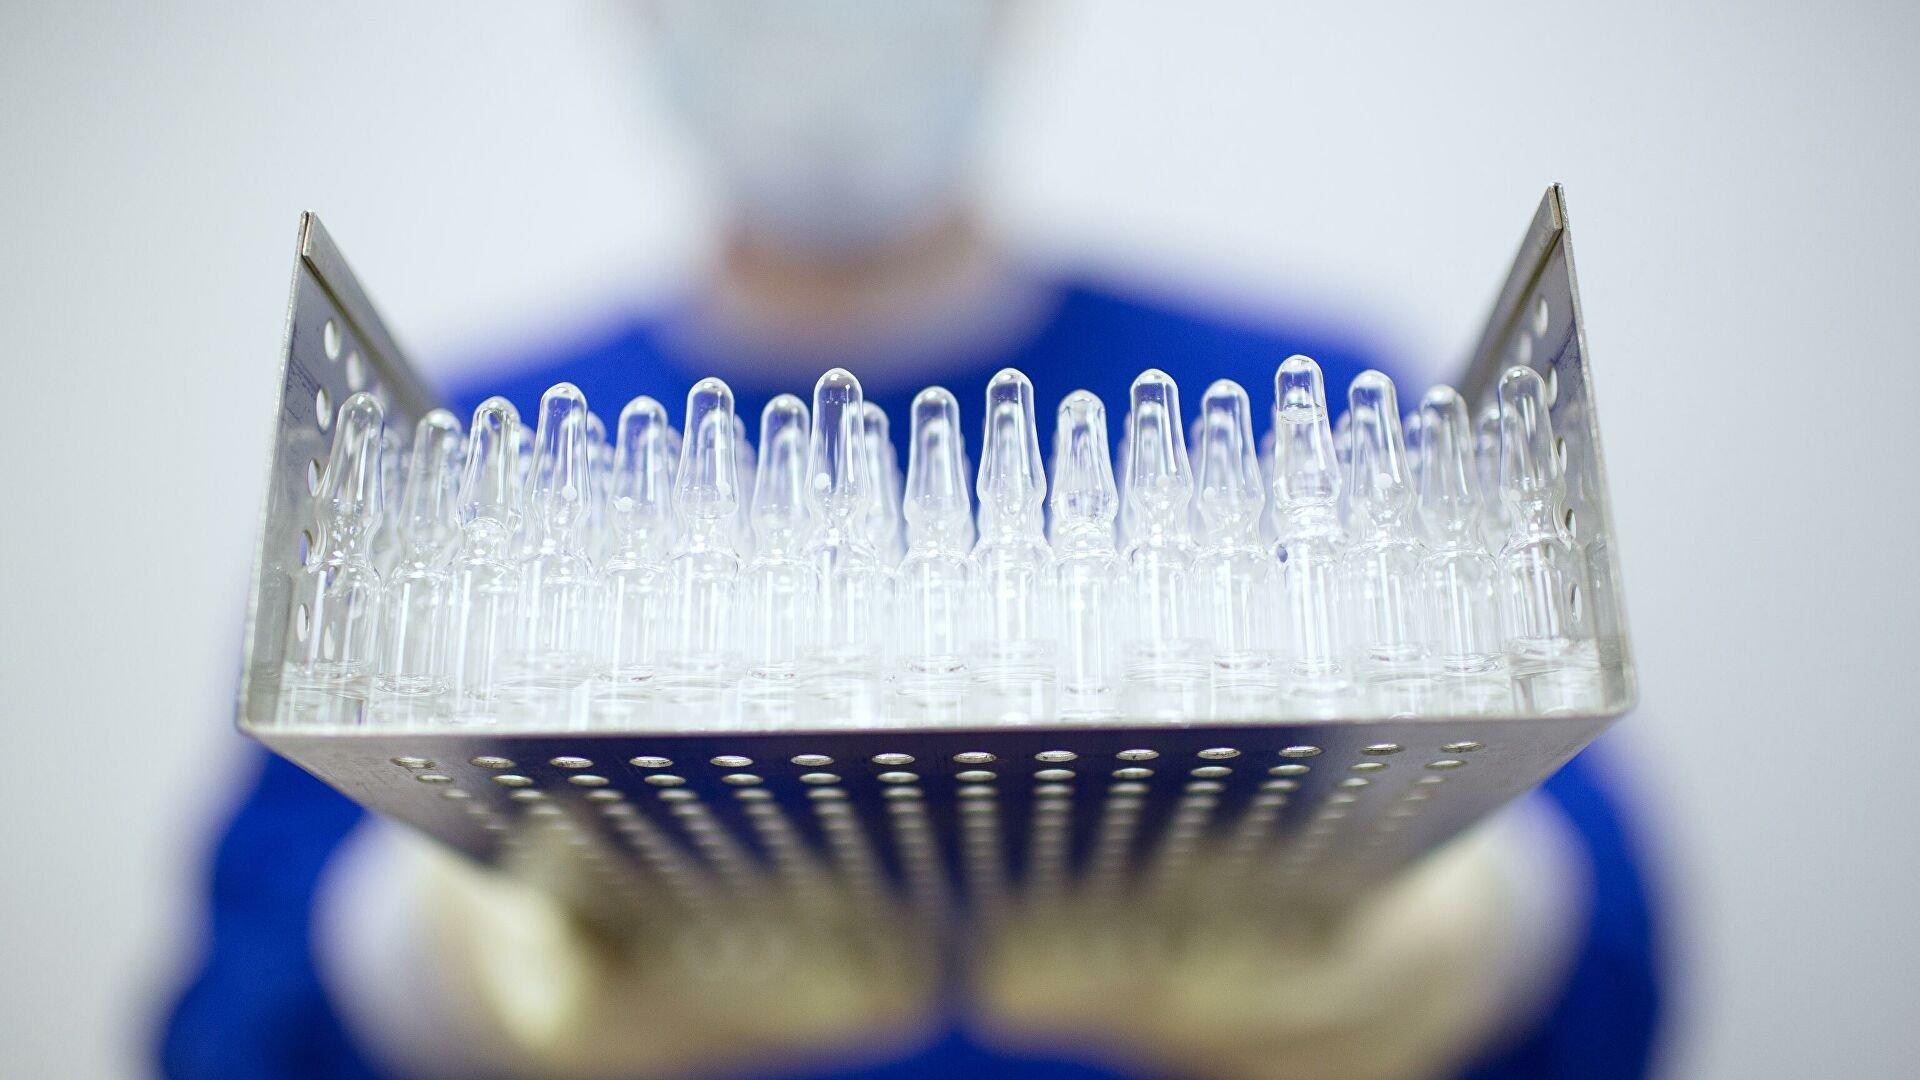 Вакцинація від коронавіруса відкладається: доброволець захворів дивною хворобою після щеплення від COVID-19